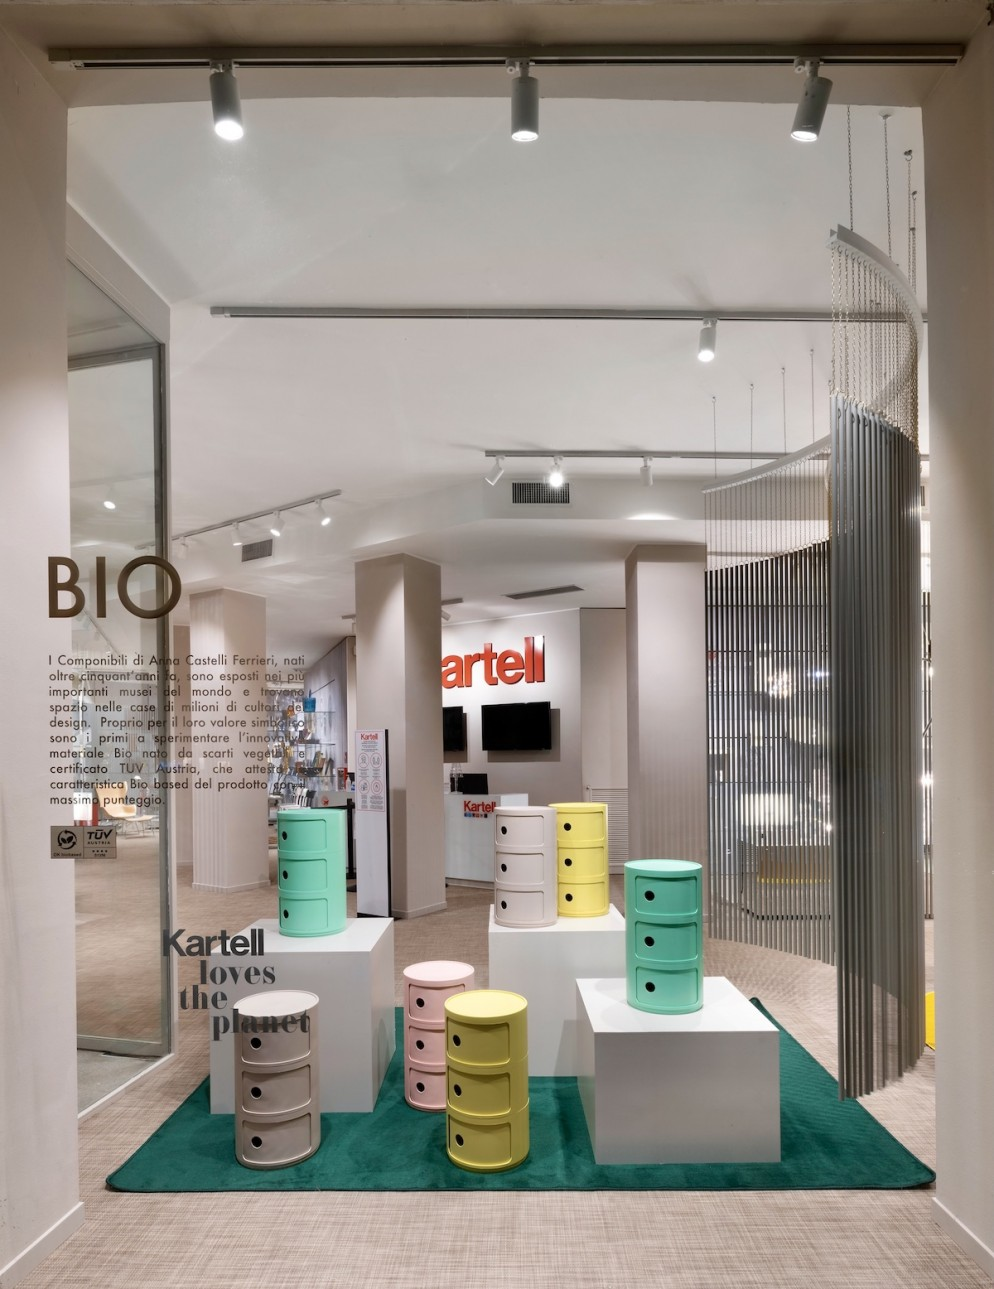 kartell-milano-design-city-living-corriere-1